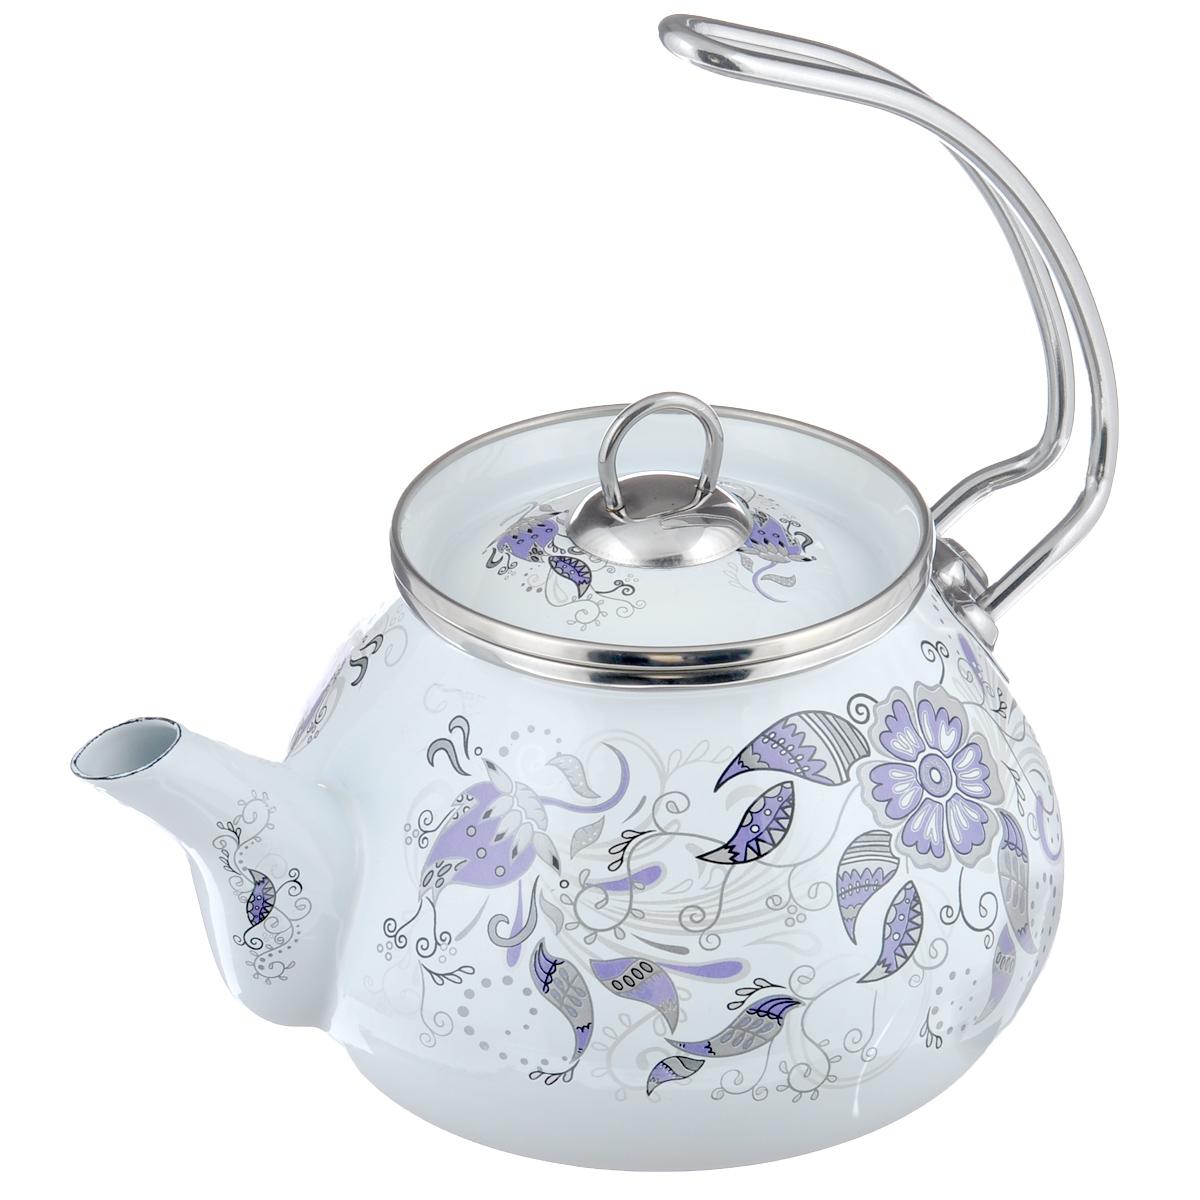 Чайник Gotoff, цвет: белый, 2,5 л20140601(1439)Чайник Gotoff изготовлен из высококачественной стали, покрытой стеклокерамической эмалью. Эмаль устойчива к пищевым кислотам, не вступает во взаимодействие с продуктами и не искажает их пищевые качества. Изделие оформлено красочным цветочным узором. Эргономическая ручка чайника выполнена их хромированной стали. Носик чайника оснащен пластиковой насадкой. Изделие пригодно для использования на всех типах плит, включая индукционные. Можно мыть в посудомоечной машине. Высота чайника (без учета ручки и крышки): 11,5 см. Высота чайника (с учетом ручки и крышки): 24 см. Диаметр (по верхнему краю): 11,5 см.